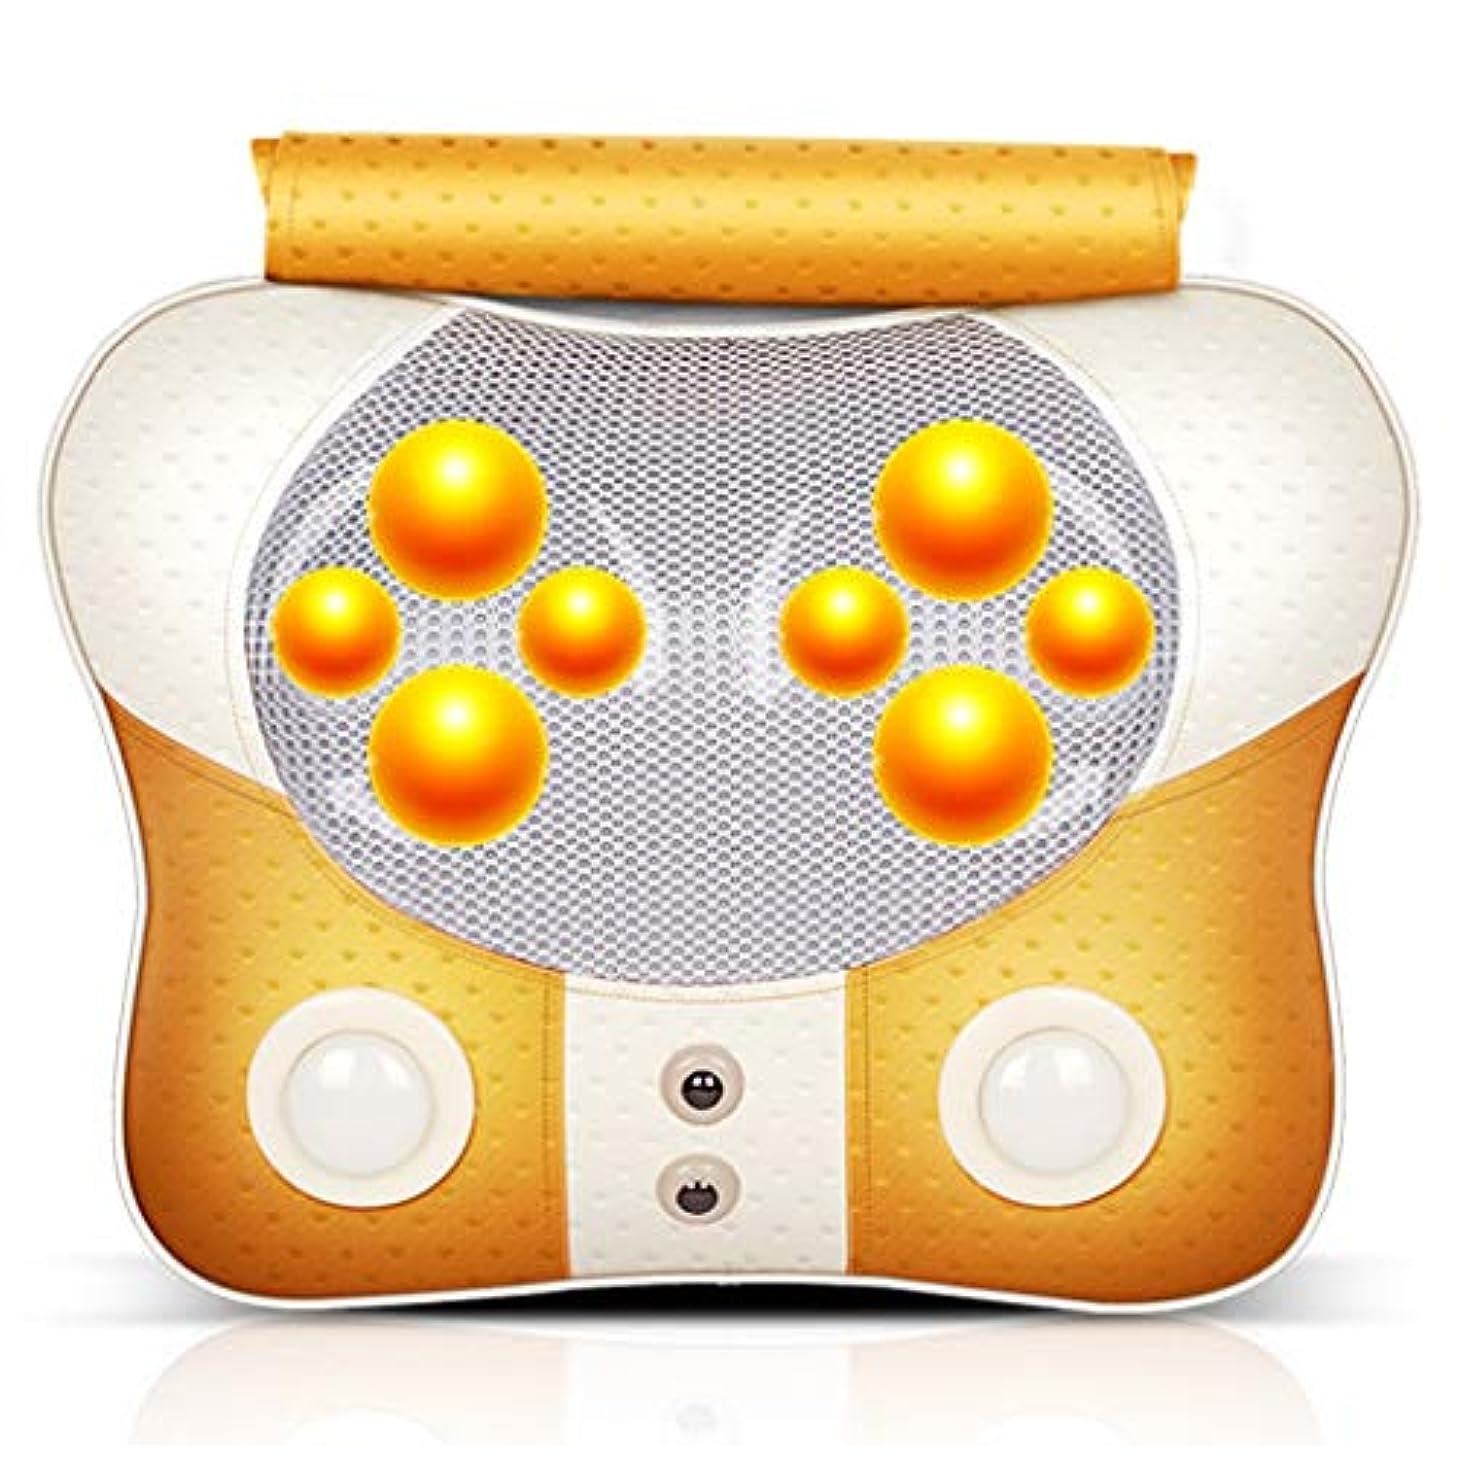 区画花邪悪なマッサージ電気の 加熱された 多目的 ネック 指圧 マッサージ 杭打ち ウエスト マッサージャー 子宮頸椎 マッサージピロー 全身 マッサージ クッション。 MAG.AL,イエロー